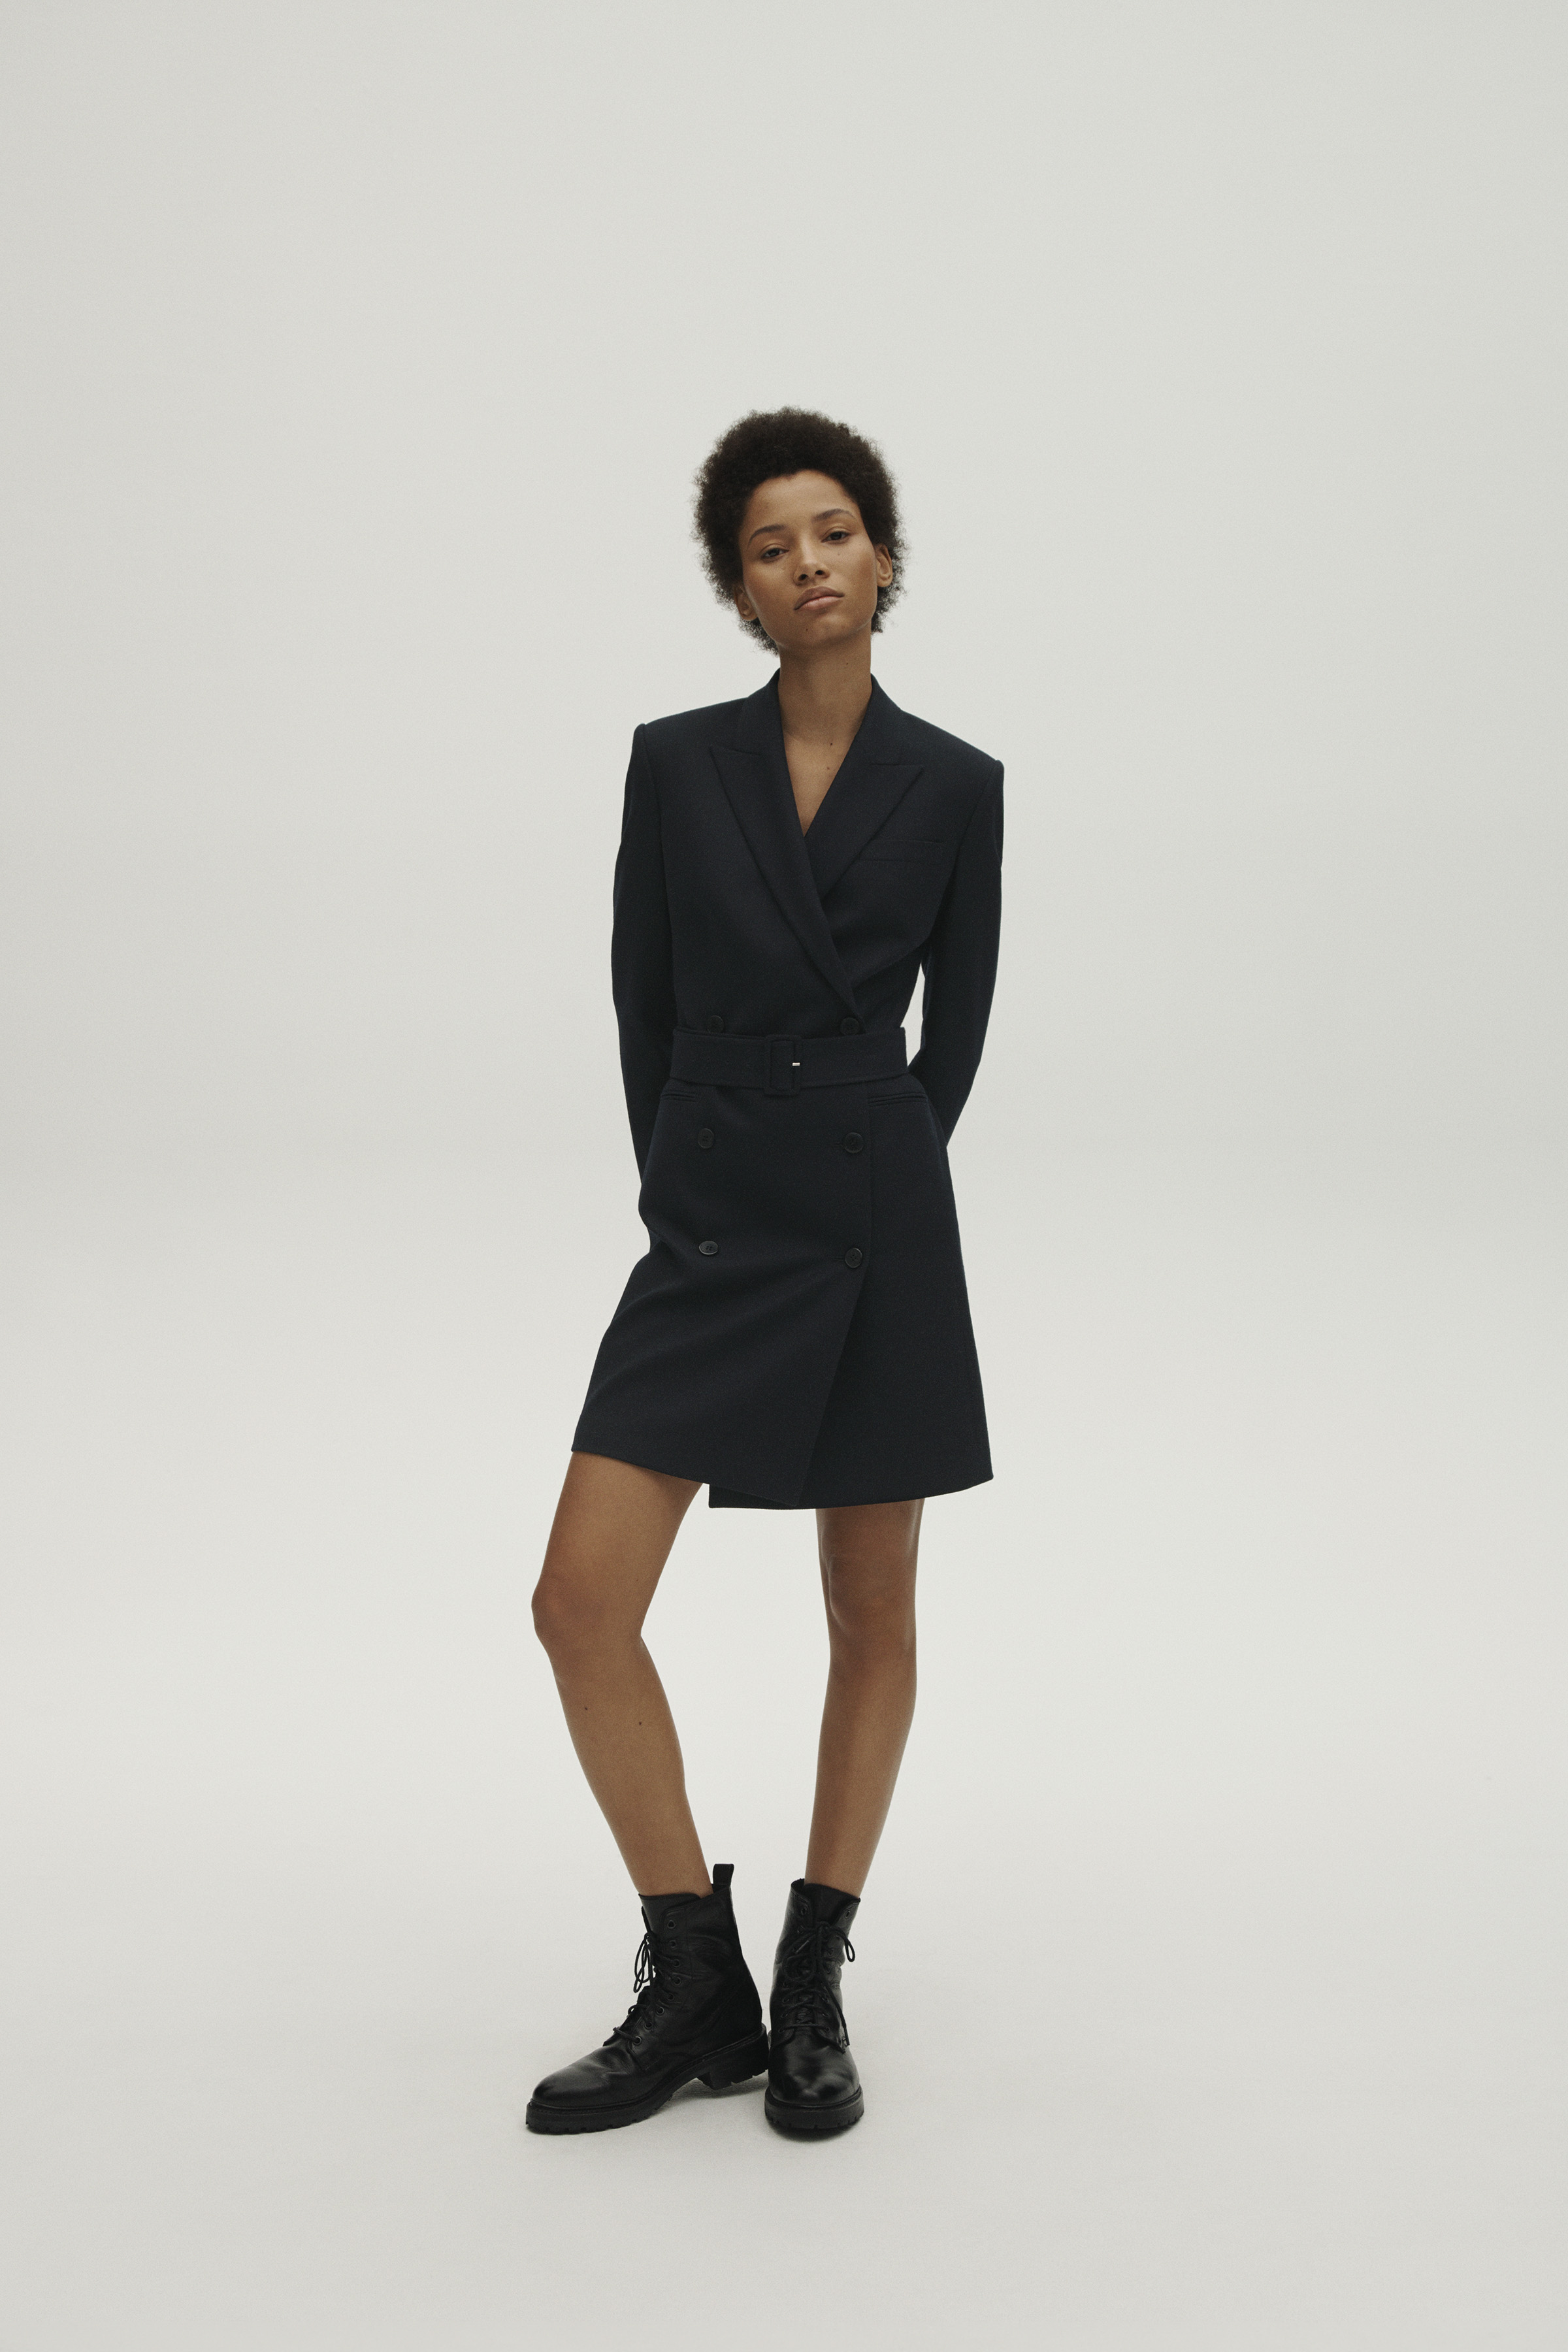 Theory propone este diseño inspirado en los sacones de invierno para el clásico vestido negro. Foto: WGSN.